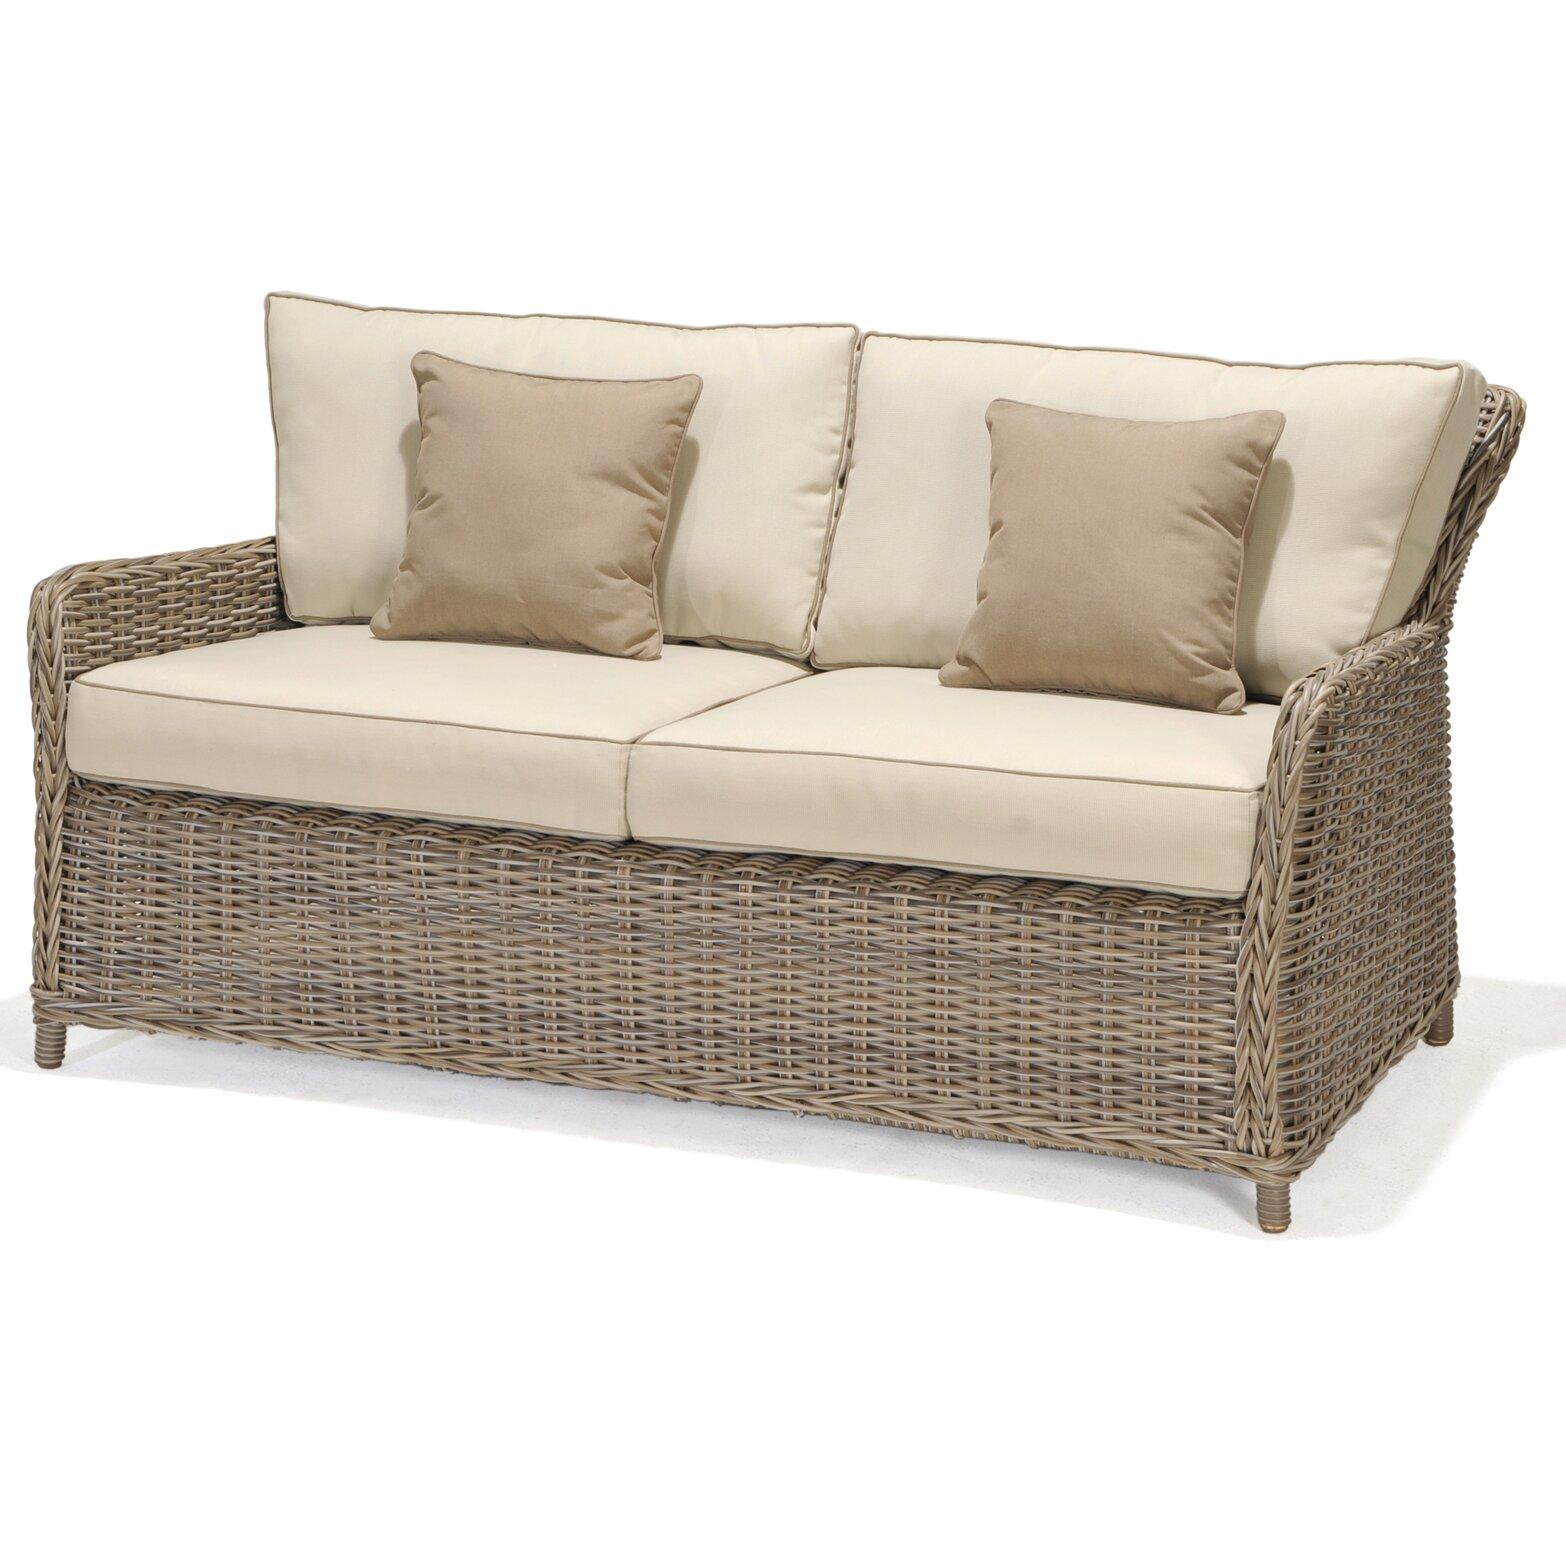 Sofa and ottoman abbyson living sectional sofa and ottoman for Abana salon reviews